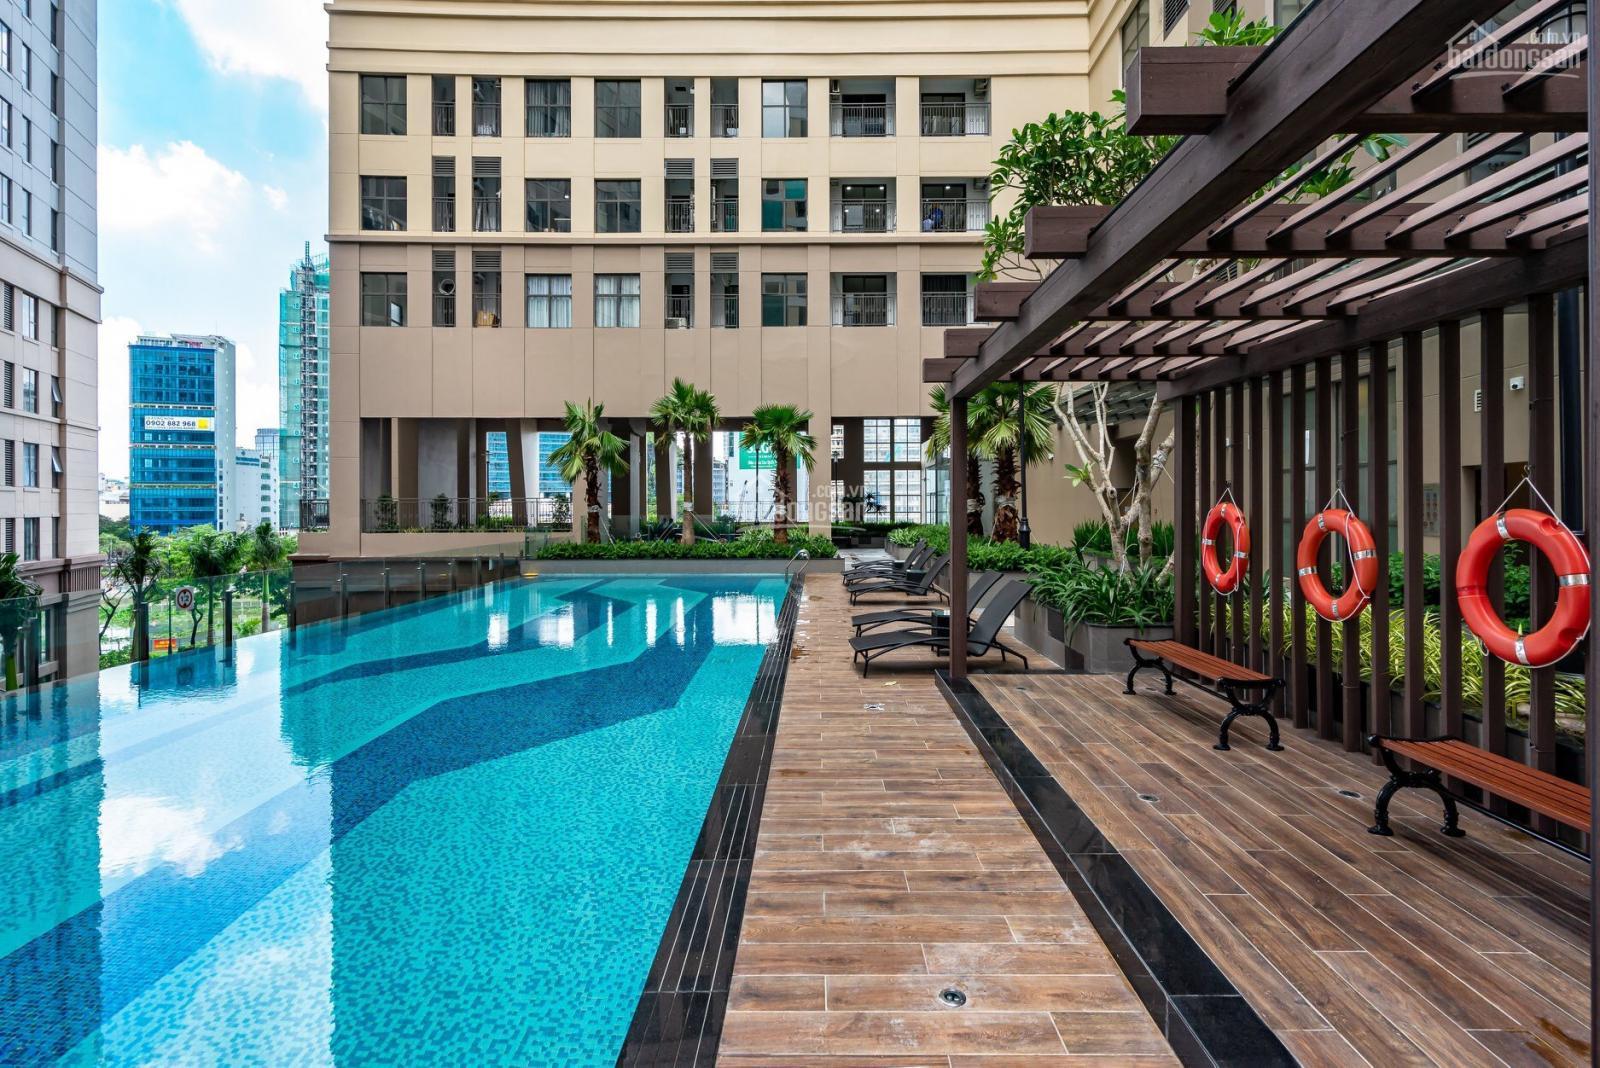 Hồ bơi nội khu Saigon Royal quận 4